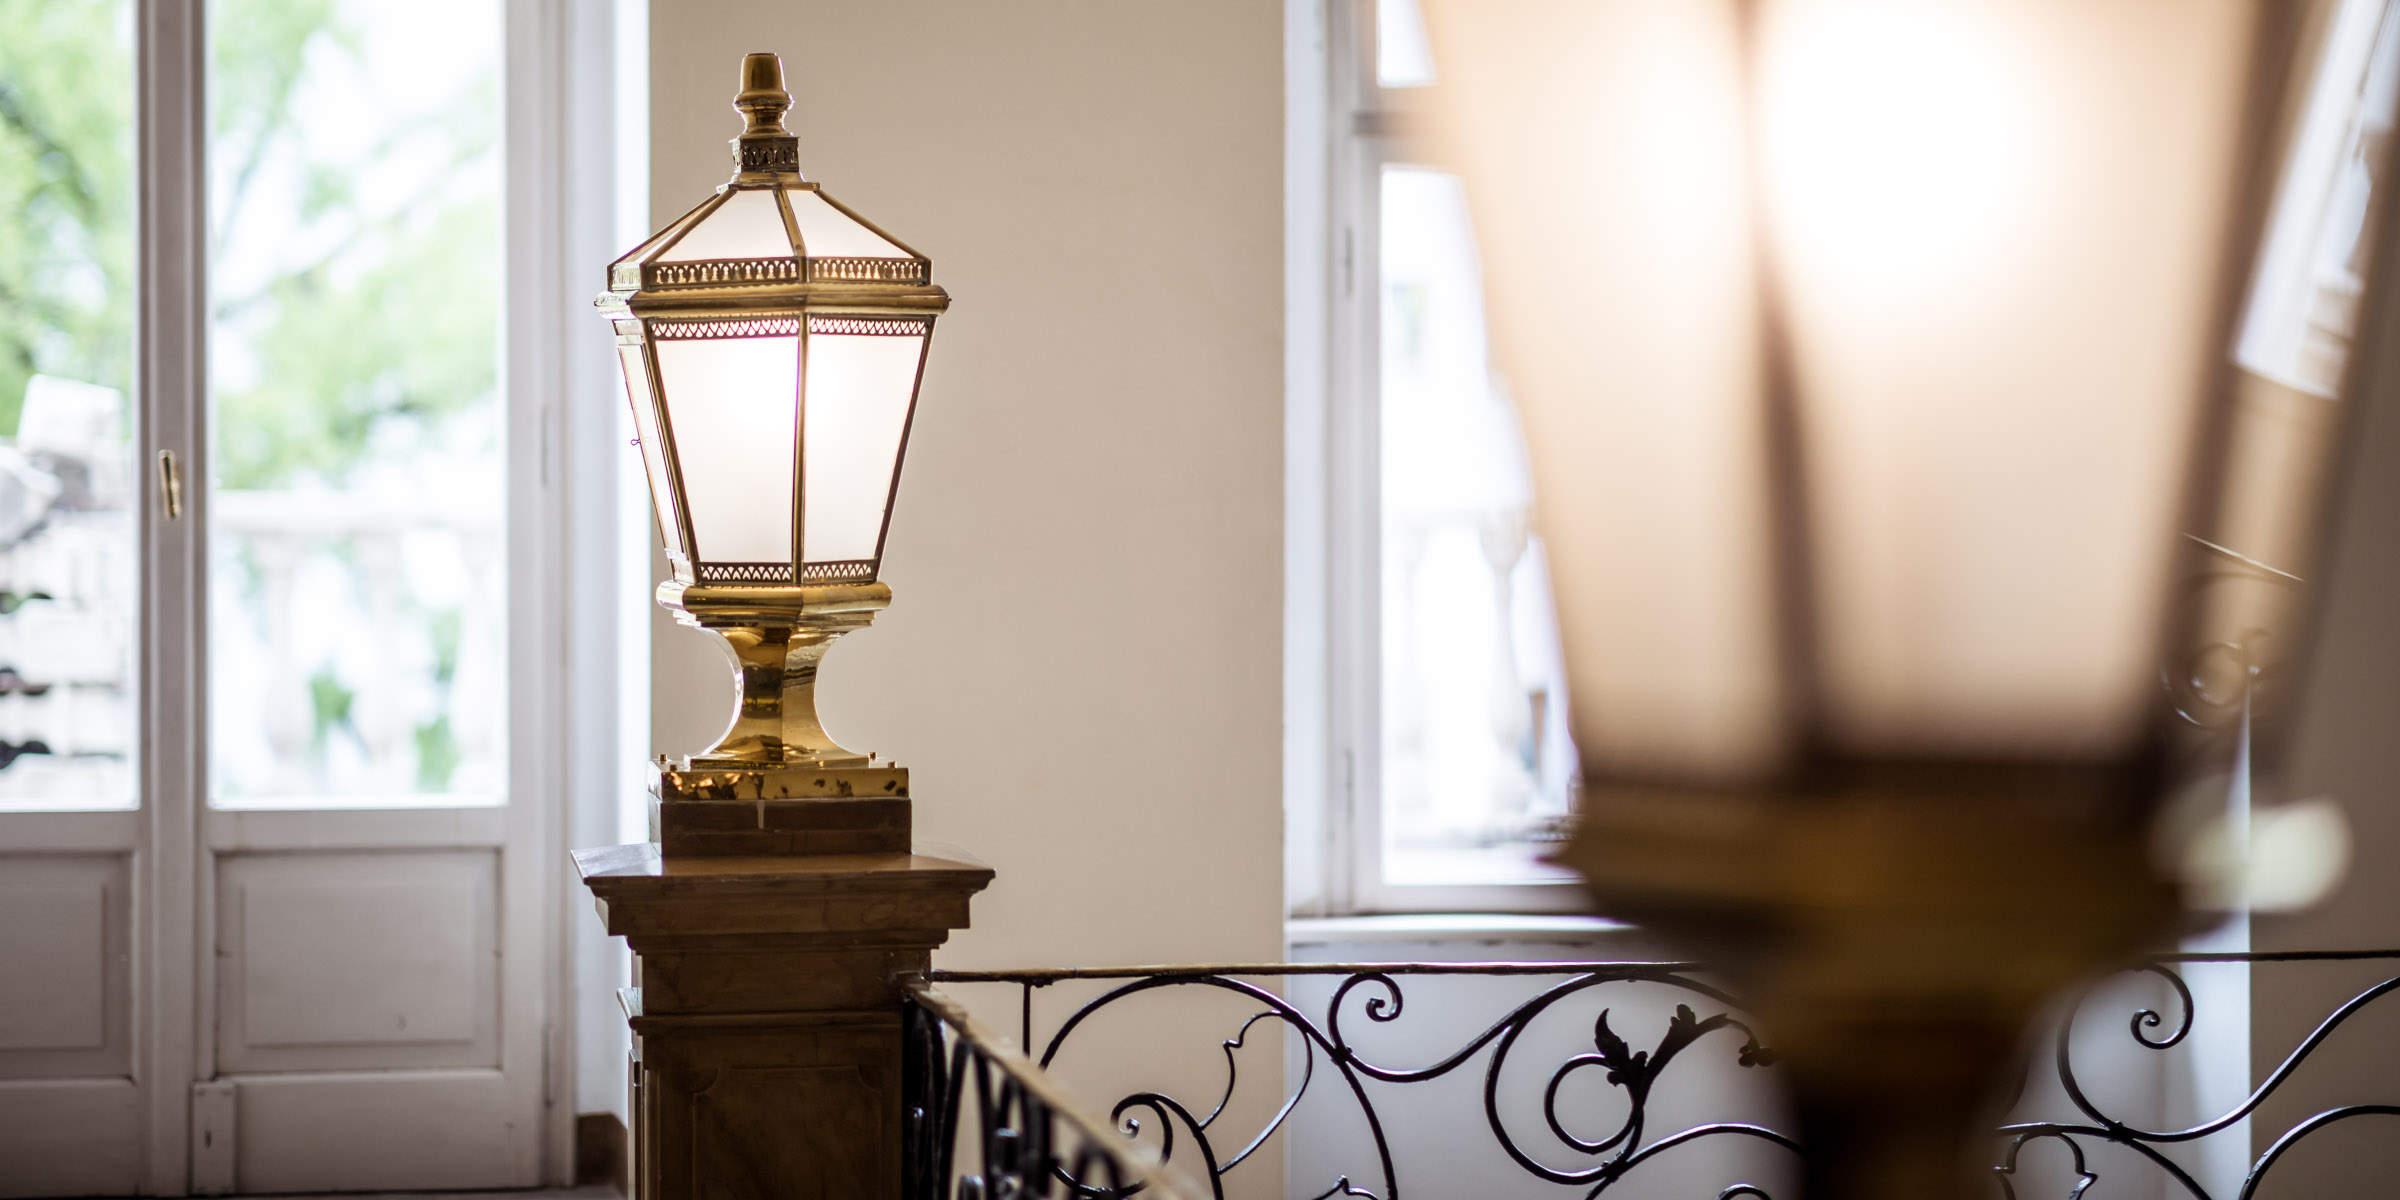 Eingangsbereich der Rechtsanwaltskanzlei - Detailaufnahme Treppengeländer und goldene Leuchten